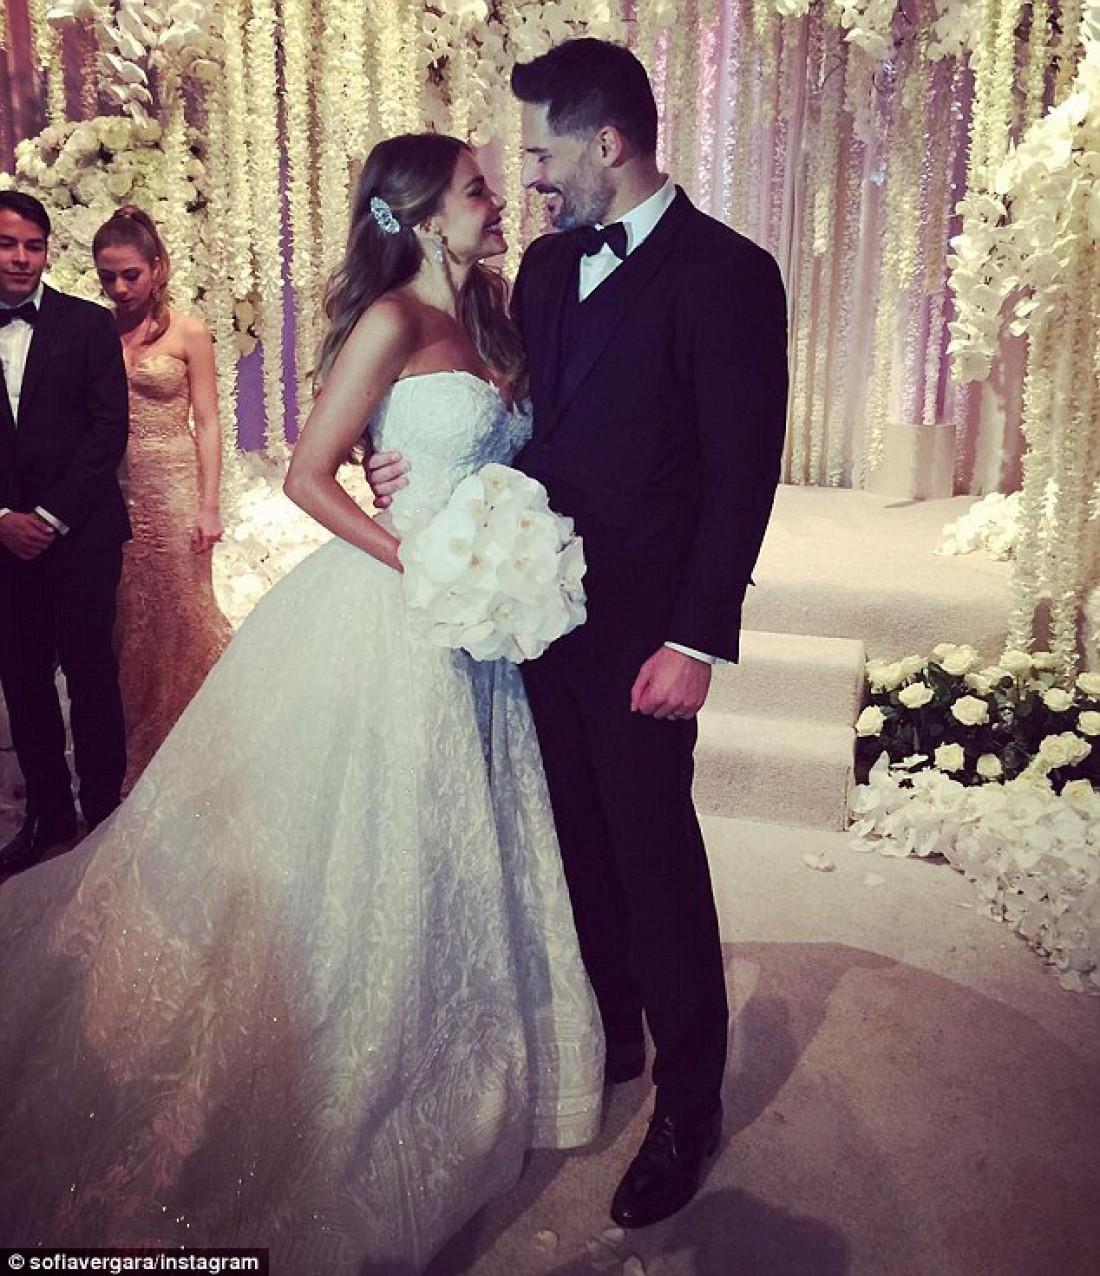 София Вергара и Джо Манганьелло поженились instagram.com/sofiavergara